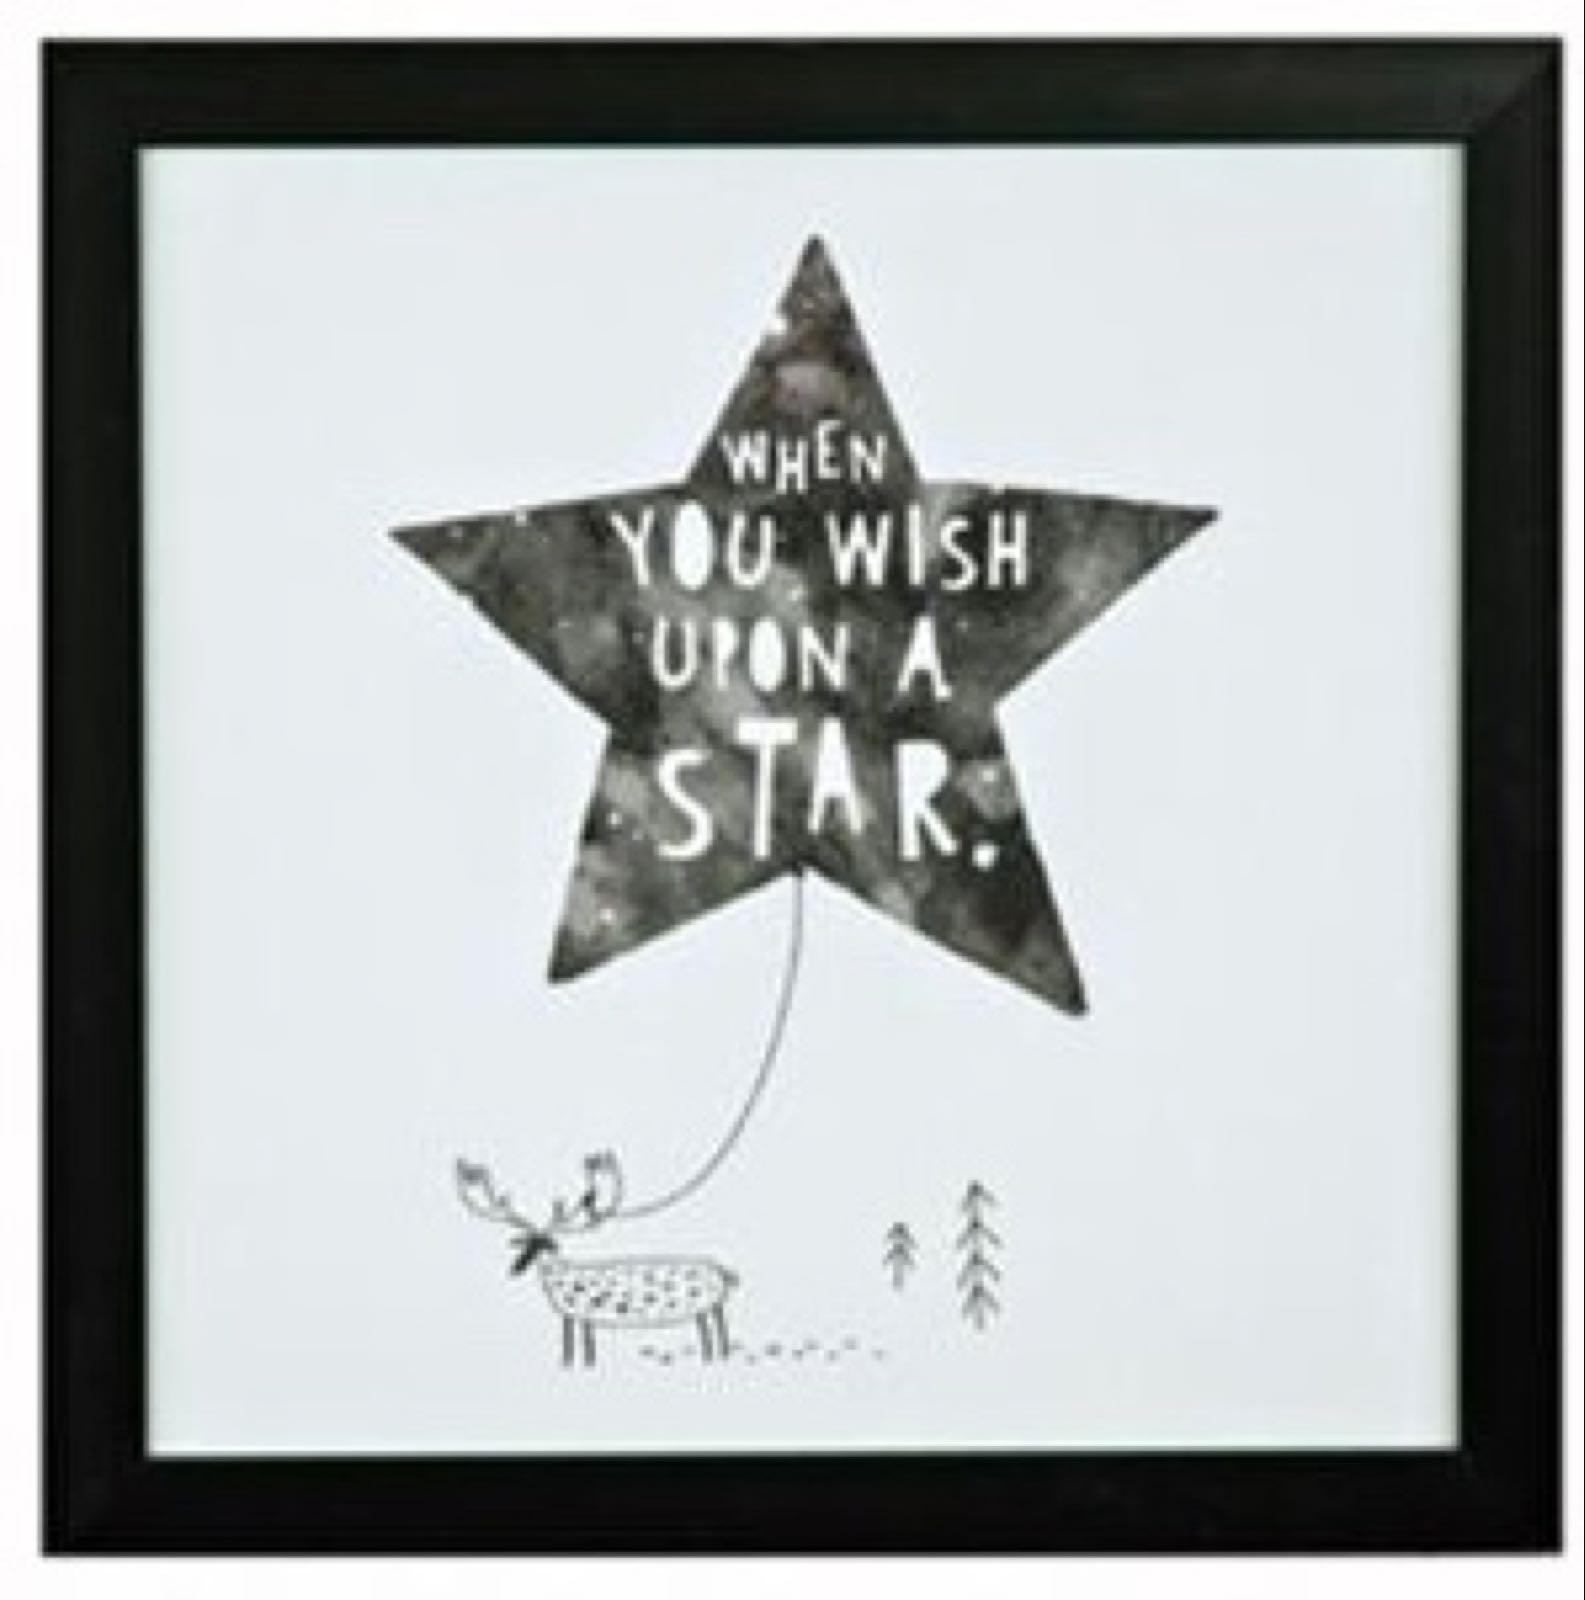 Bilde: When you wish ...